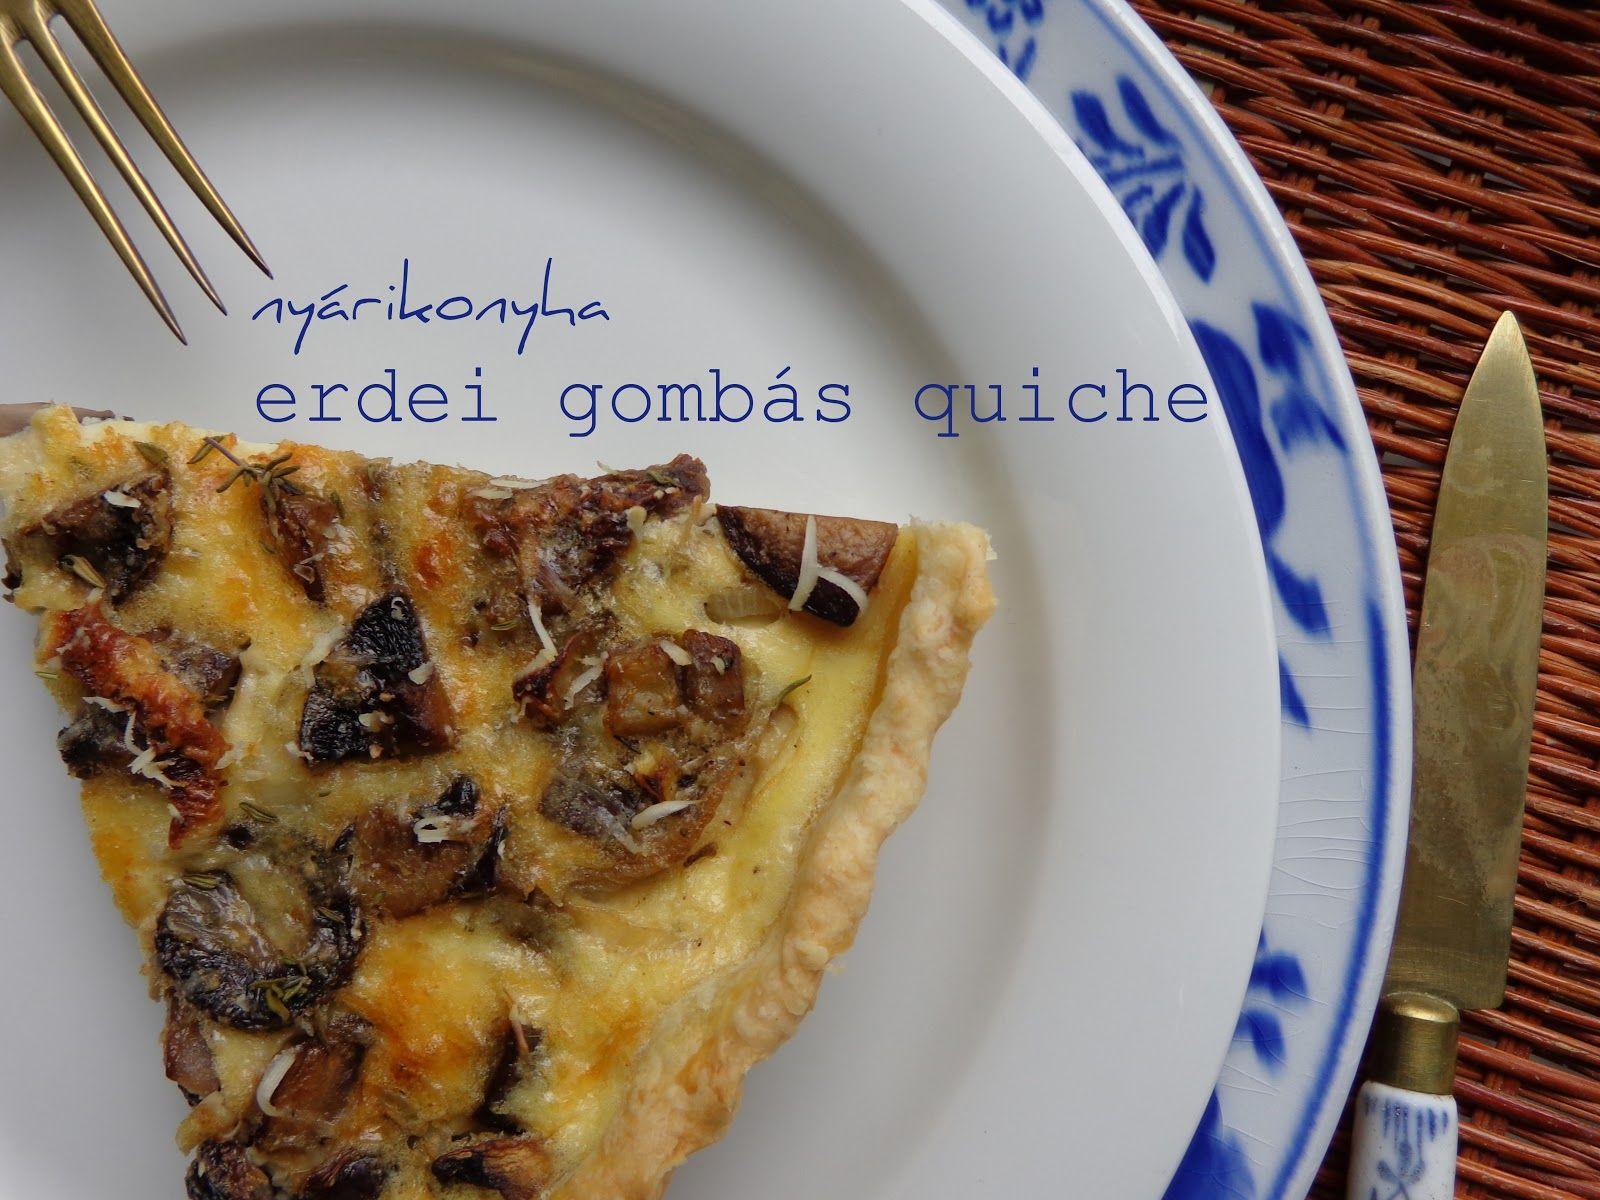 gomba quiche